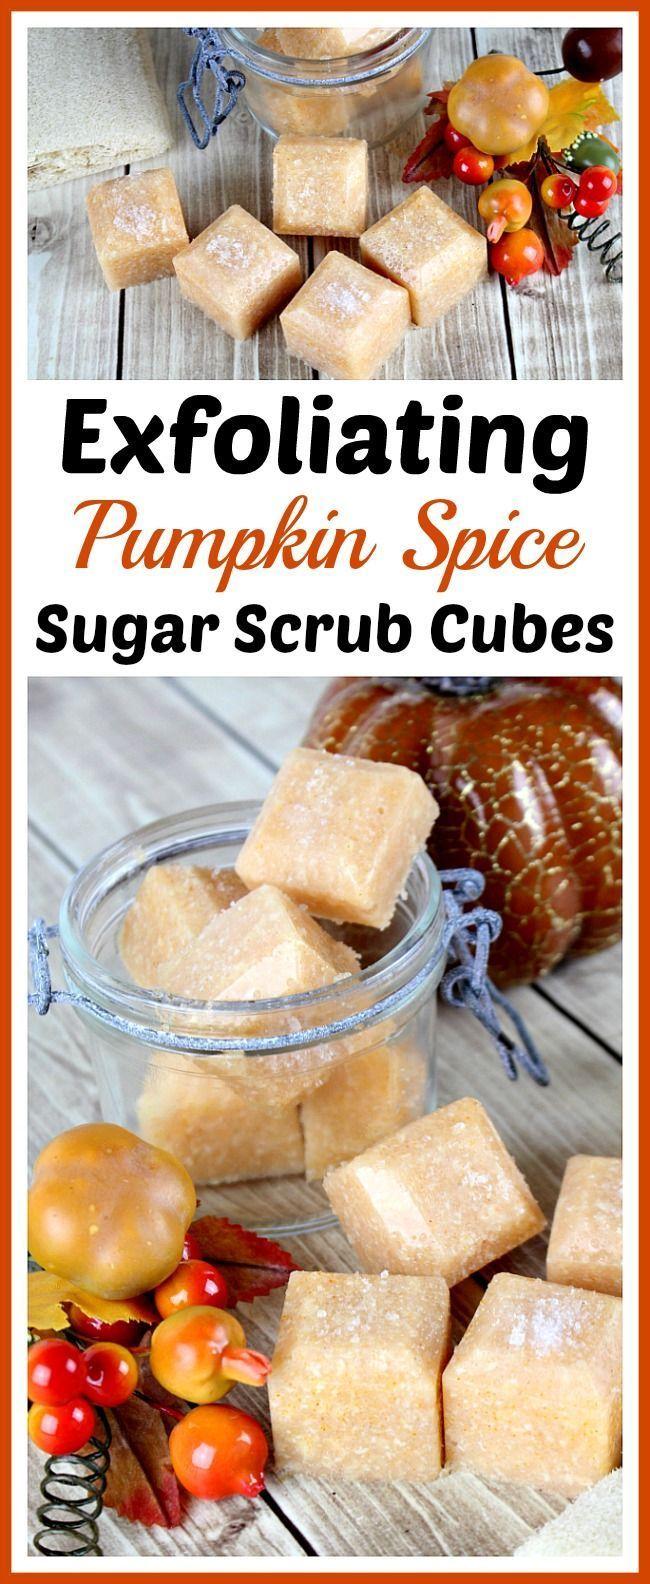 Exfoliating Pumpkin Spice Sugar Scrub Cubes- These exfoliating pumpkin spice sug...